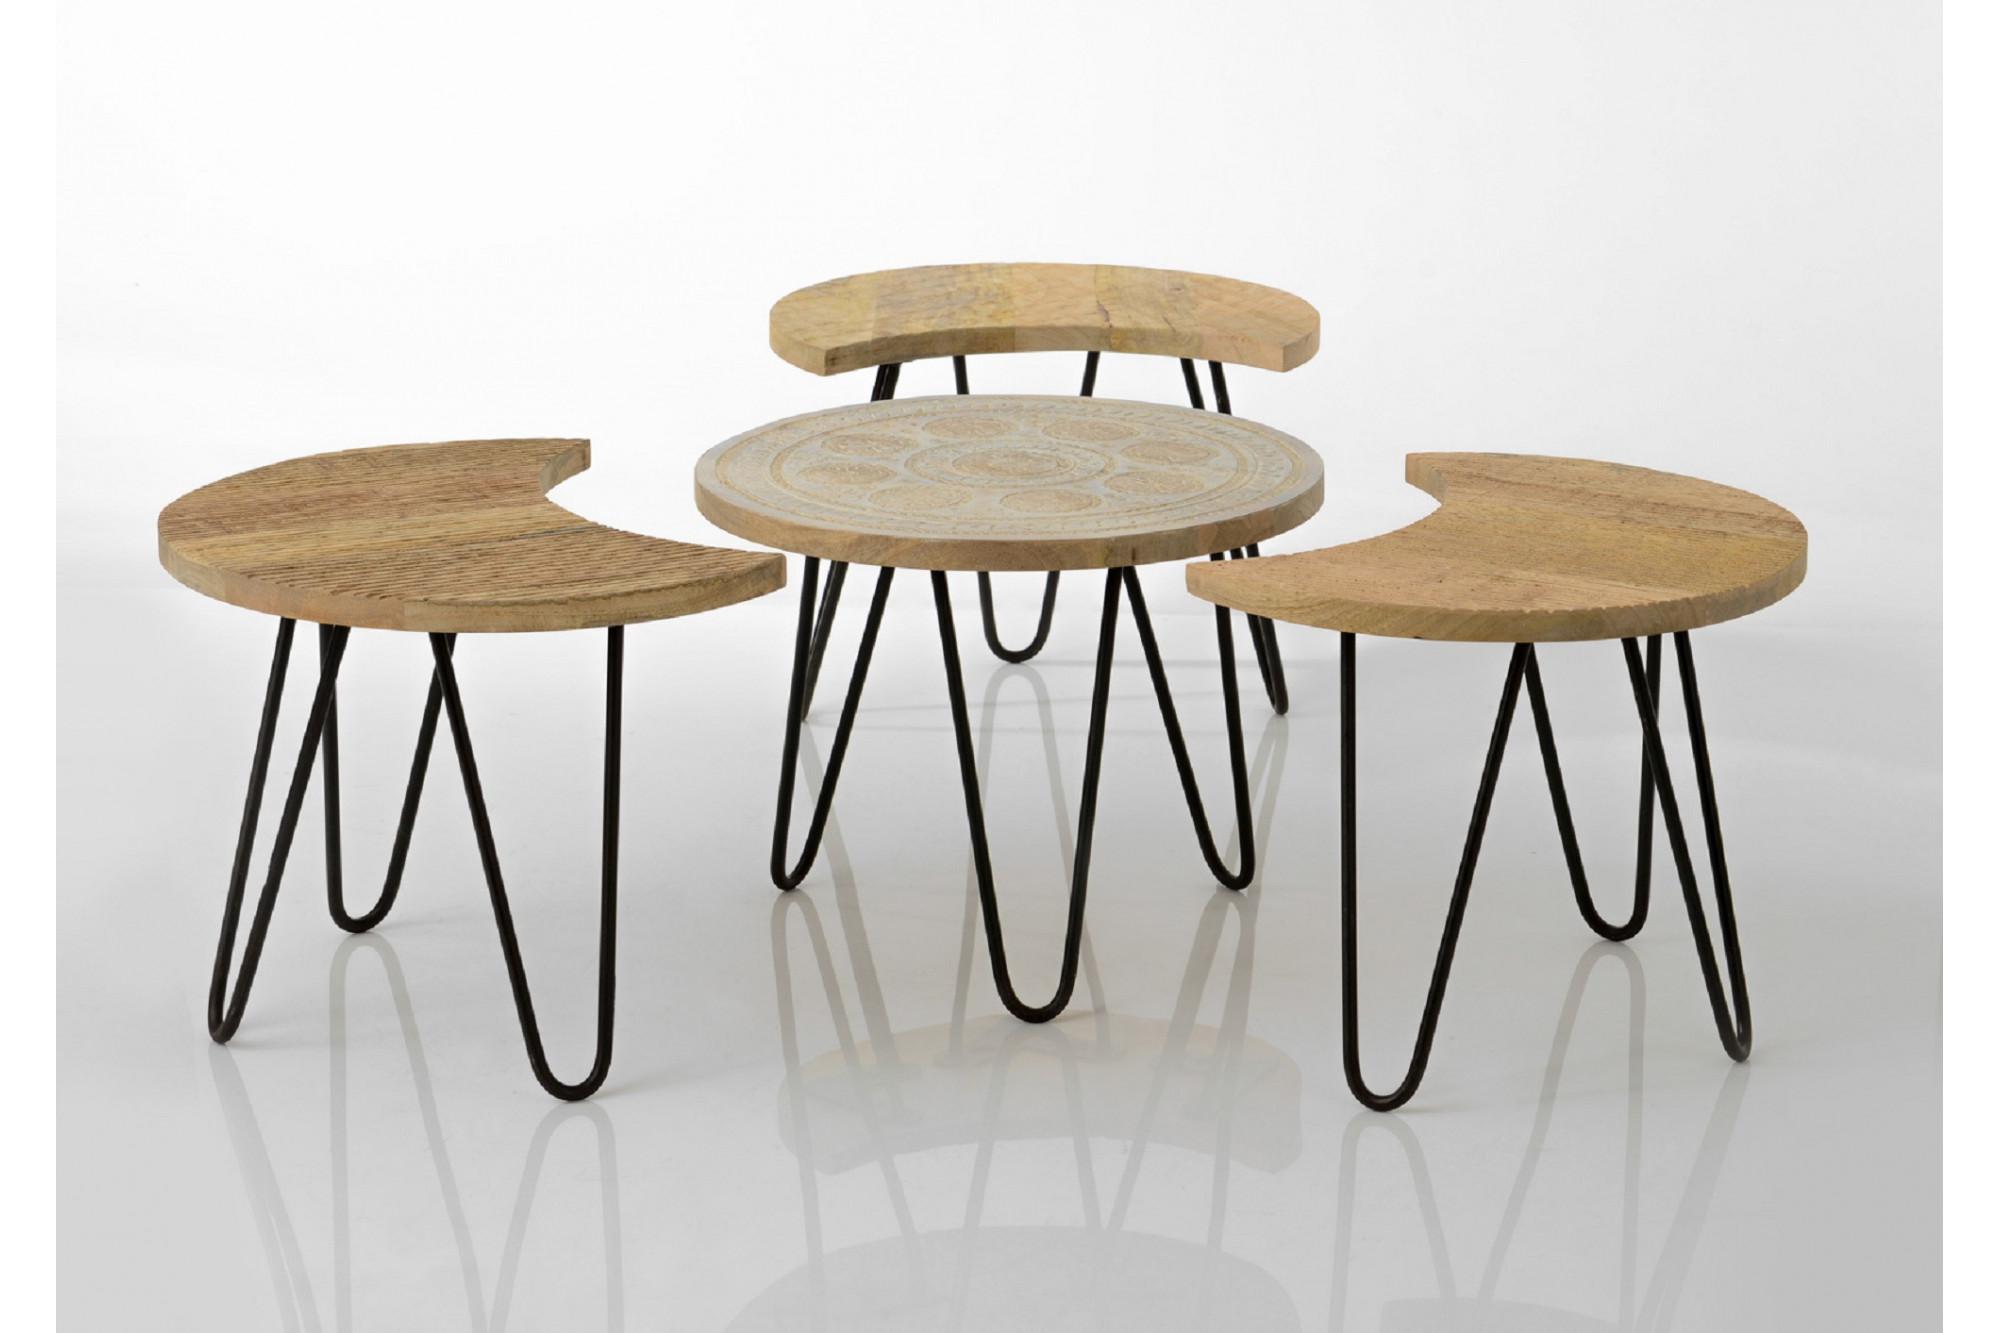 table basse ethnique en bois et m tal hellin. Black Bedroom Furniture Sets. Home Design Ideas